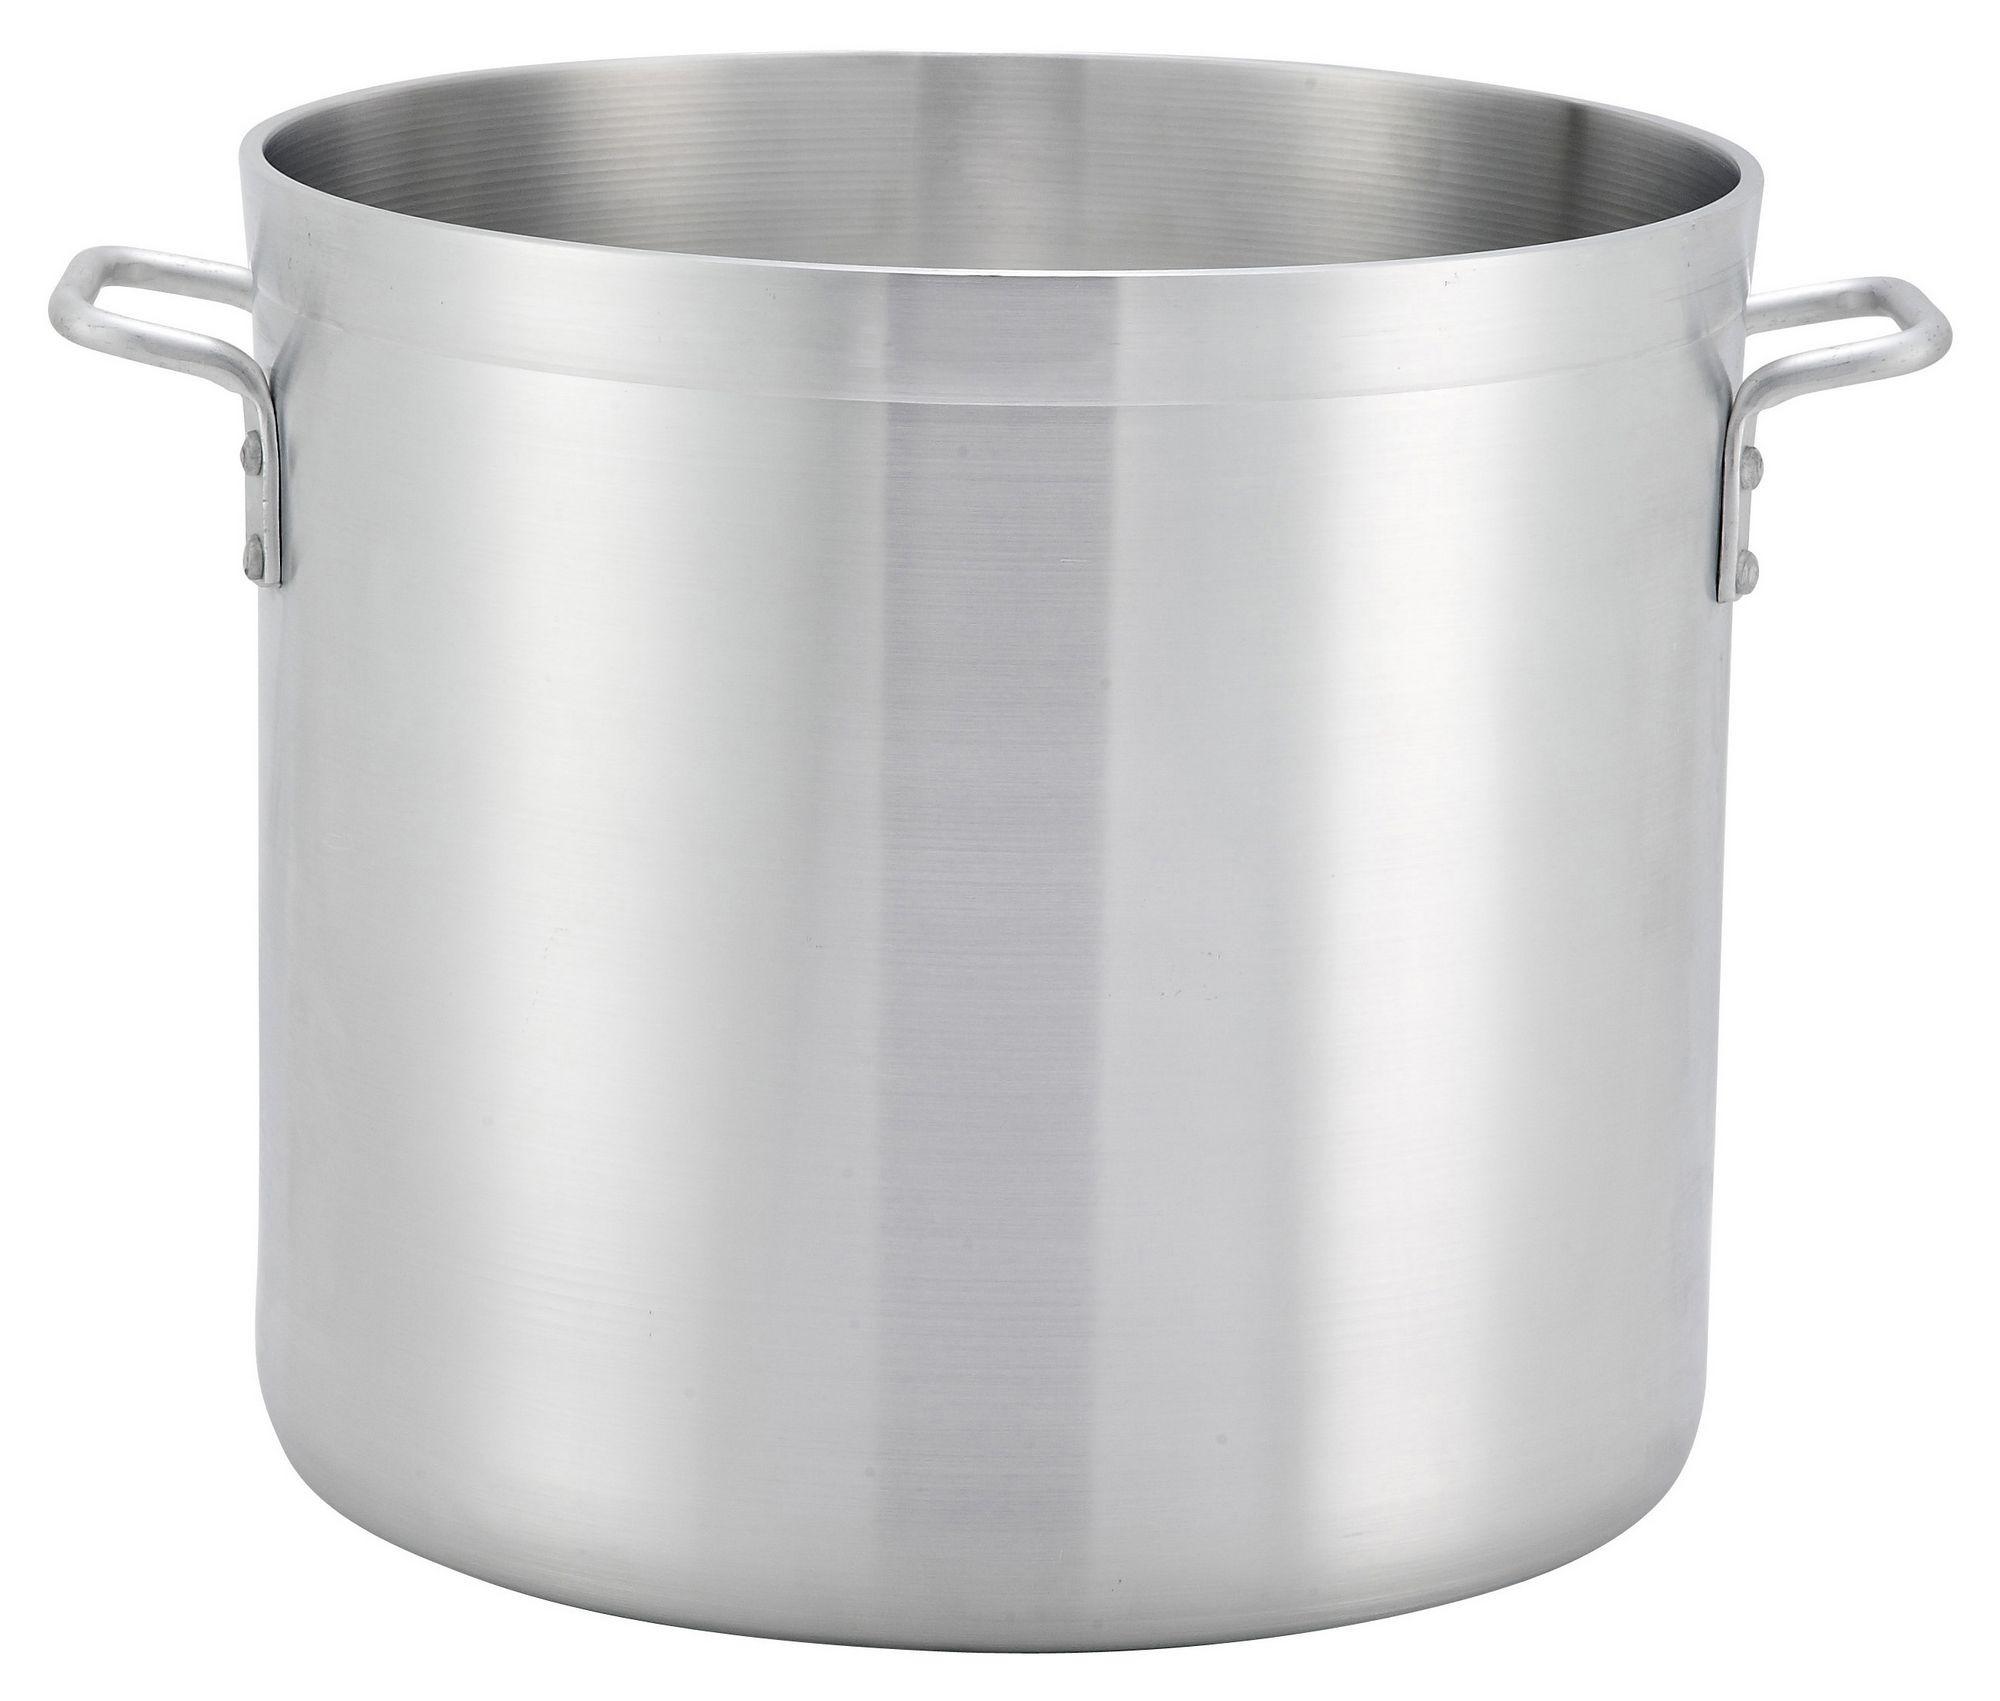 Extra Heavy Aluminum 140-Qt Stock Pot